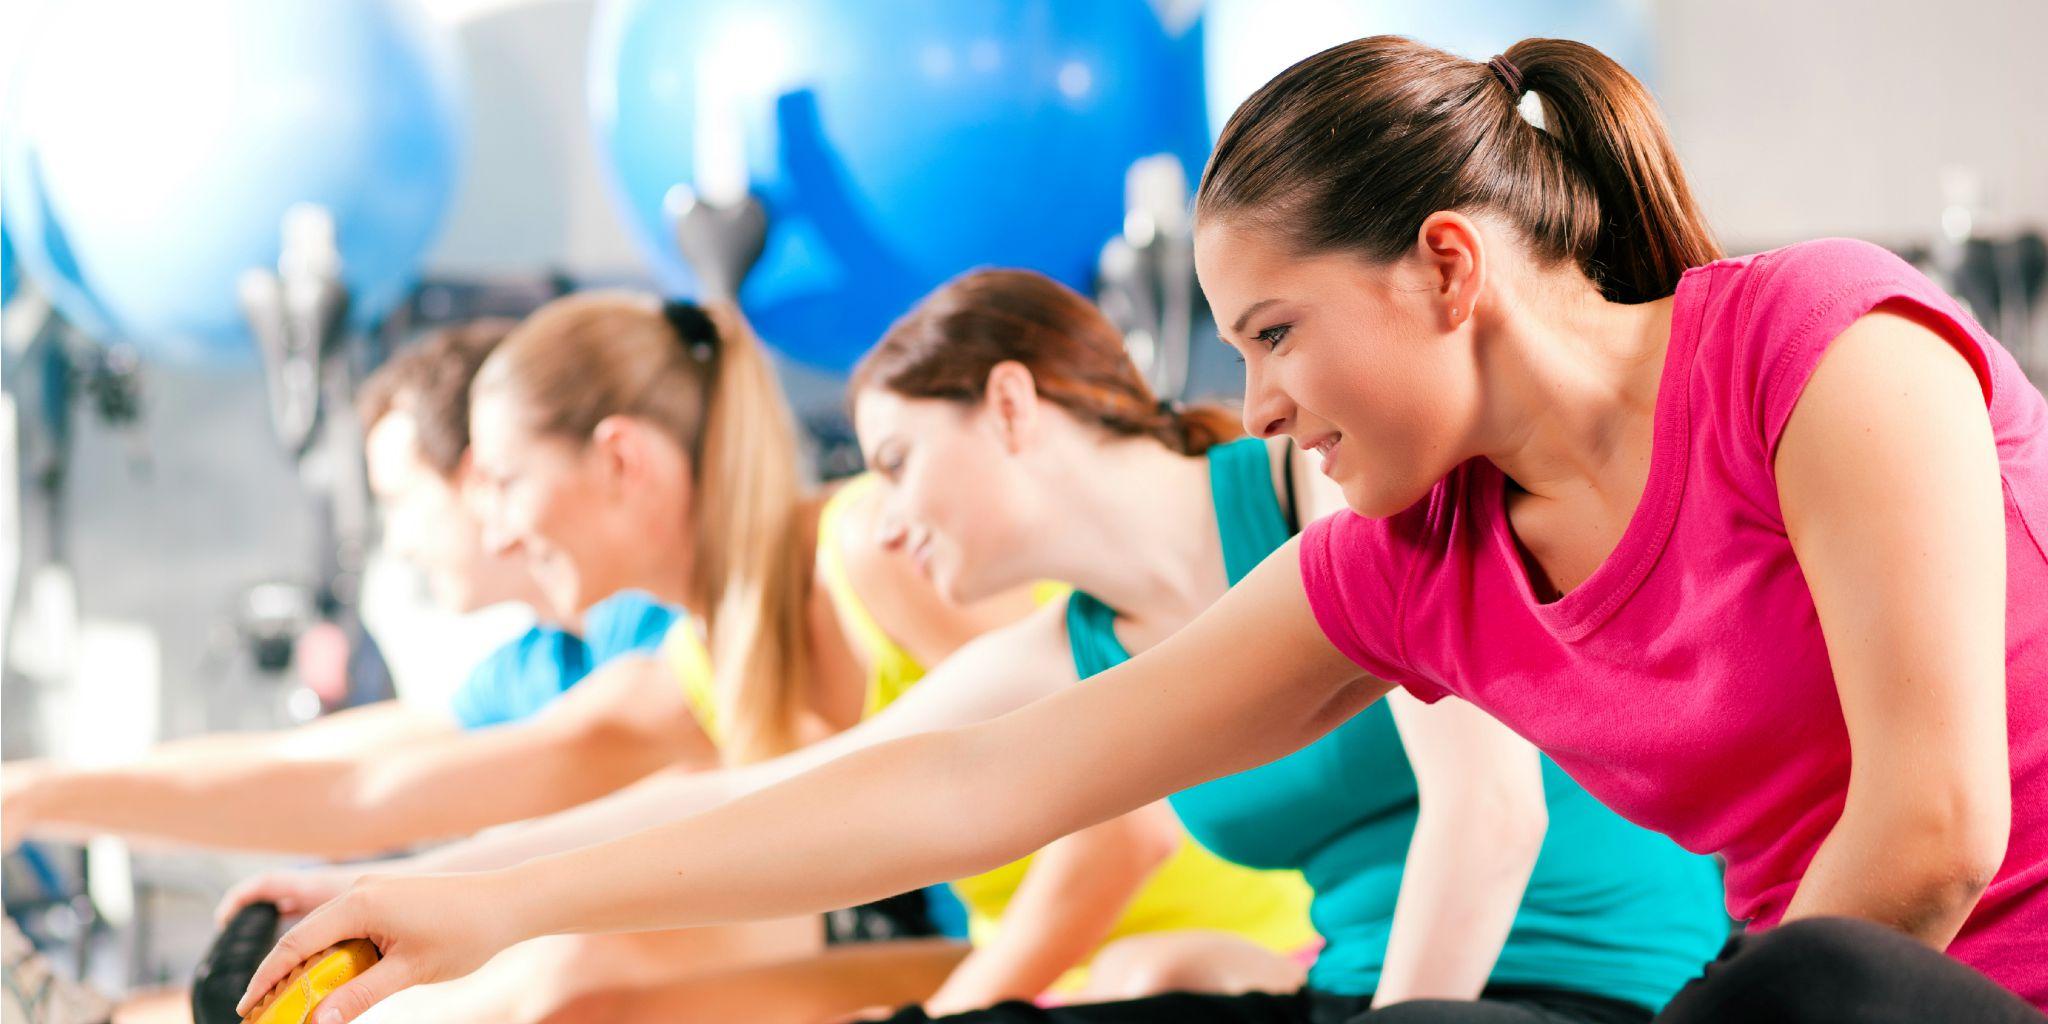 Lesrooster groepslessen Fitness de Bataaf voor Pilates lessen